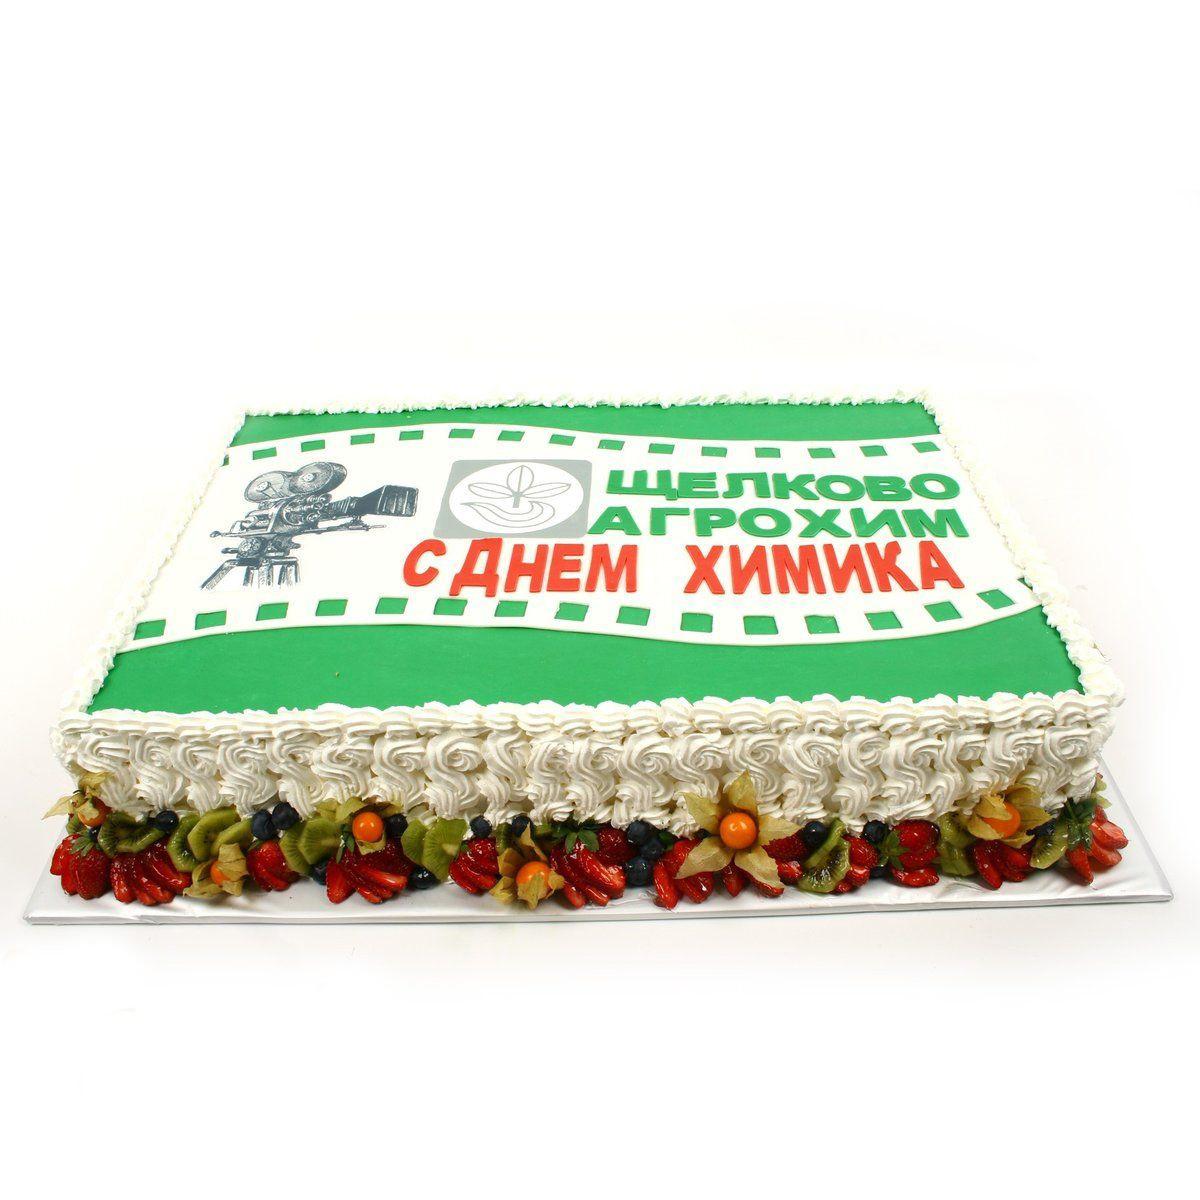 №470 Торт химик